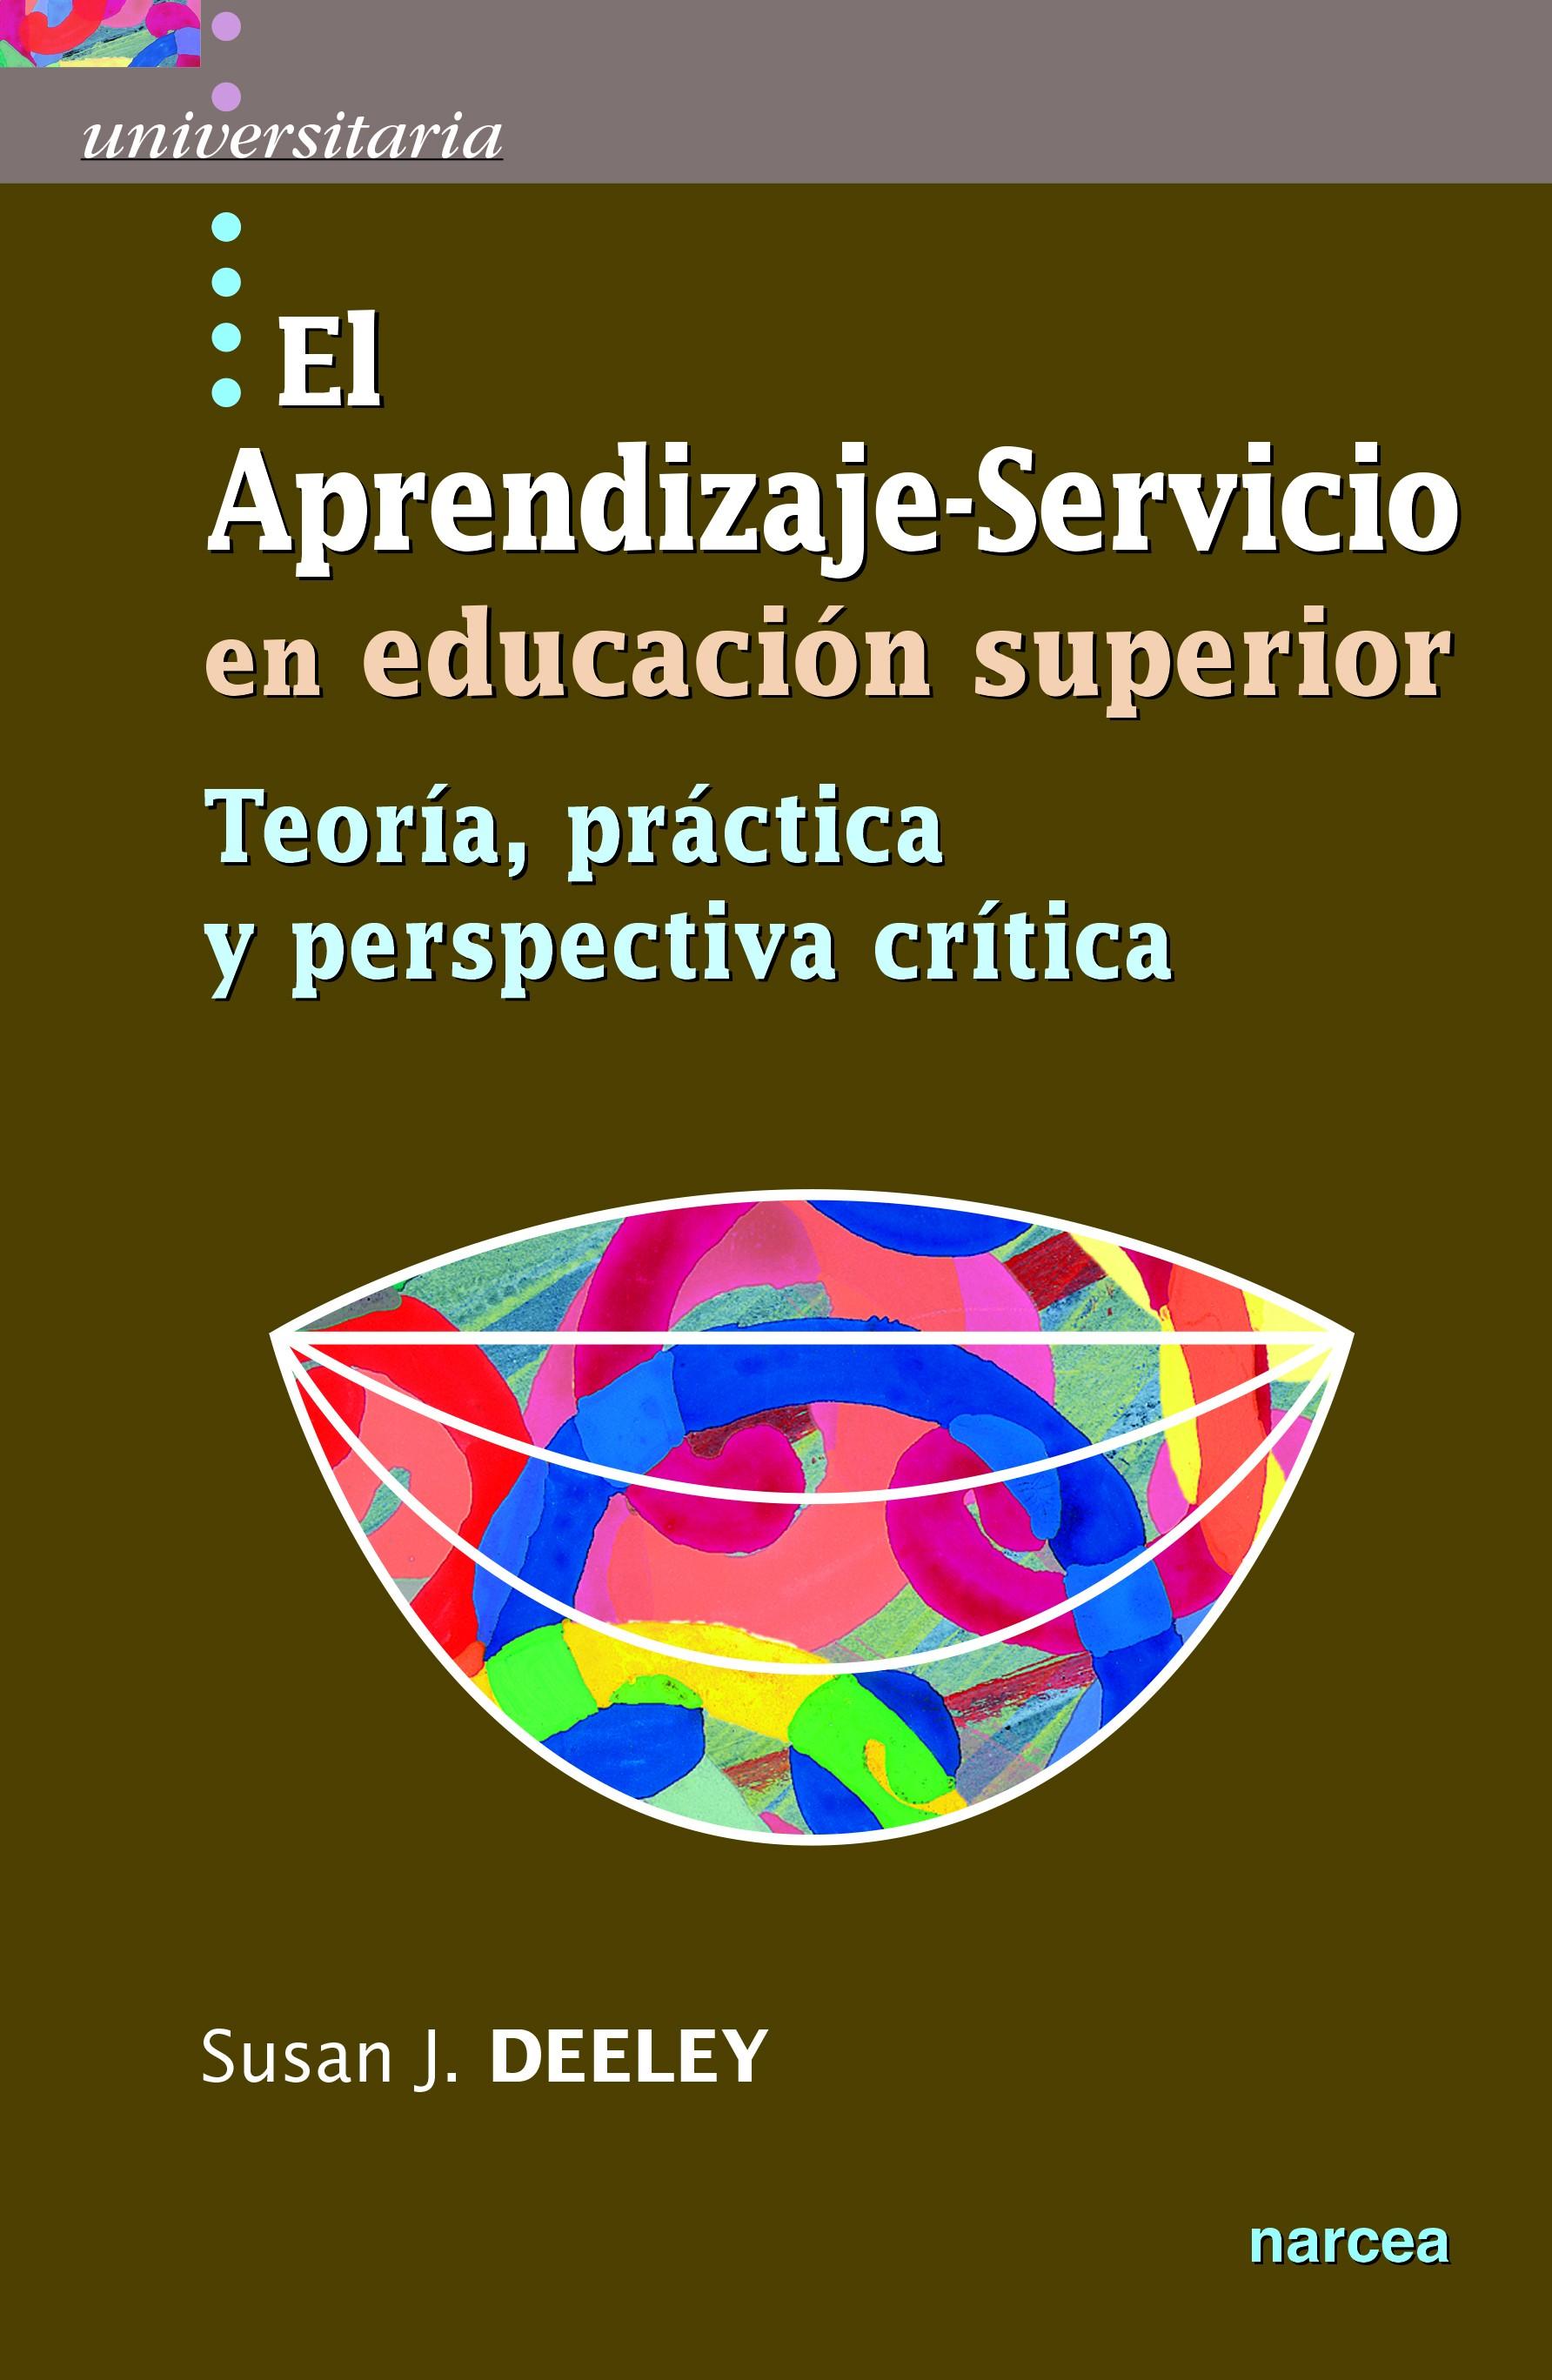 El Aprendizaje-Servicio en educación superior